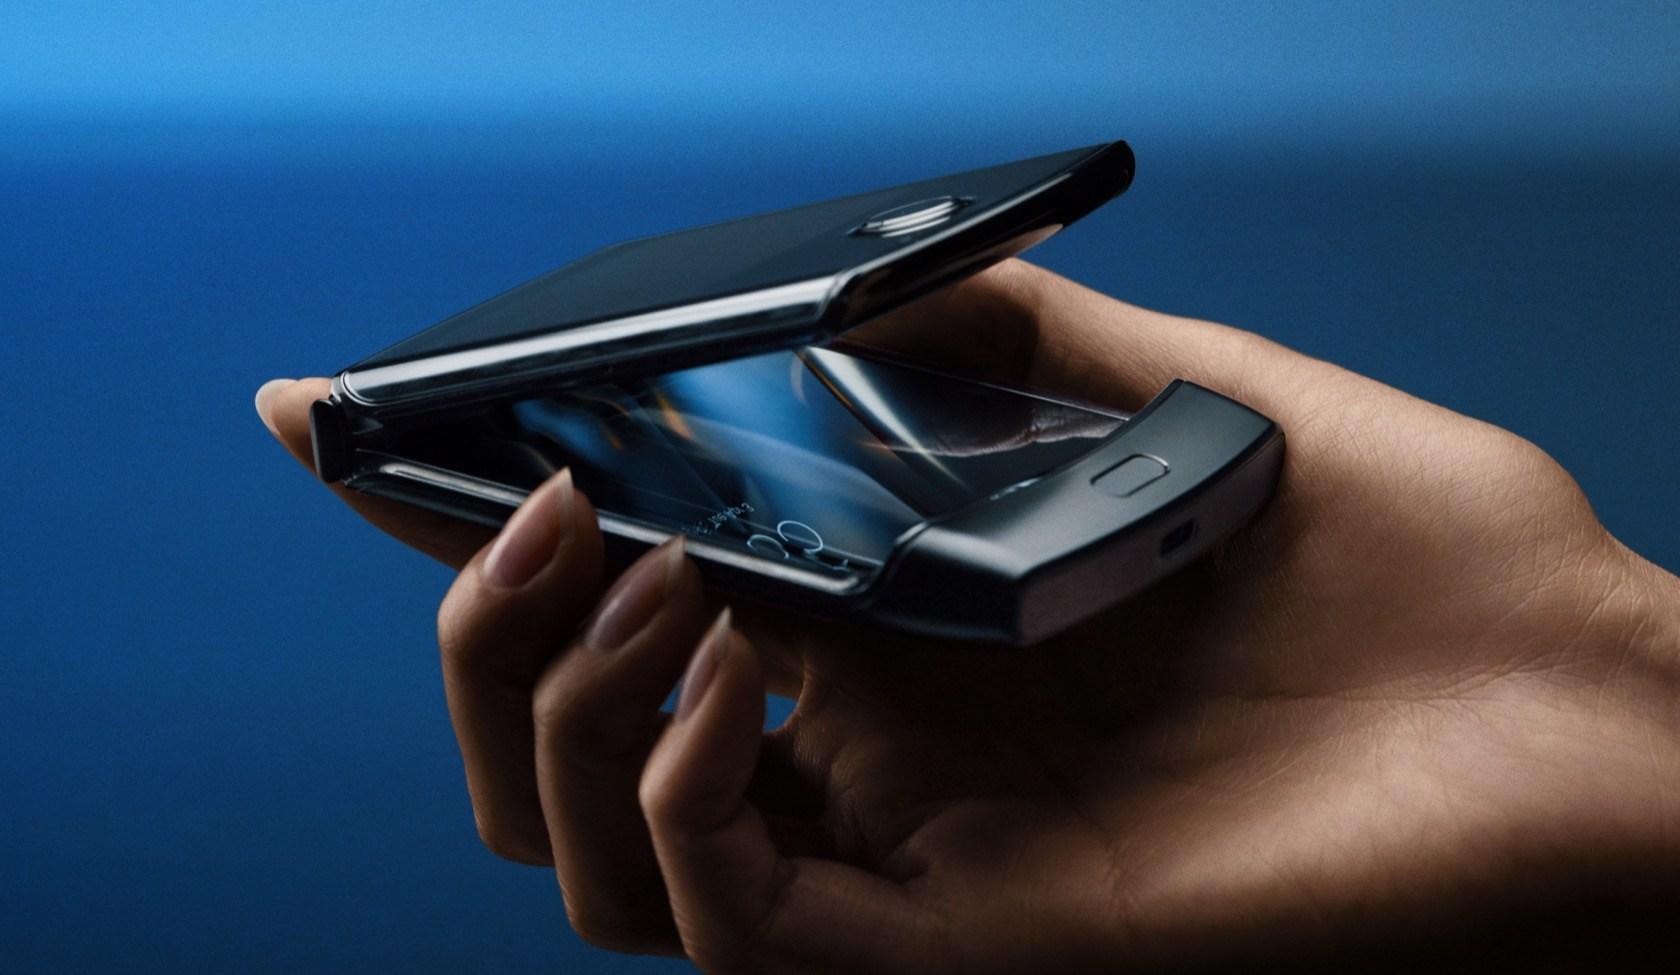 準备重返王座? Motorola特大萤幕「可摺叠手机」下个月开卖